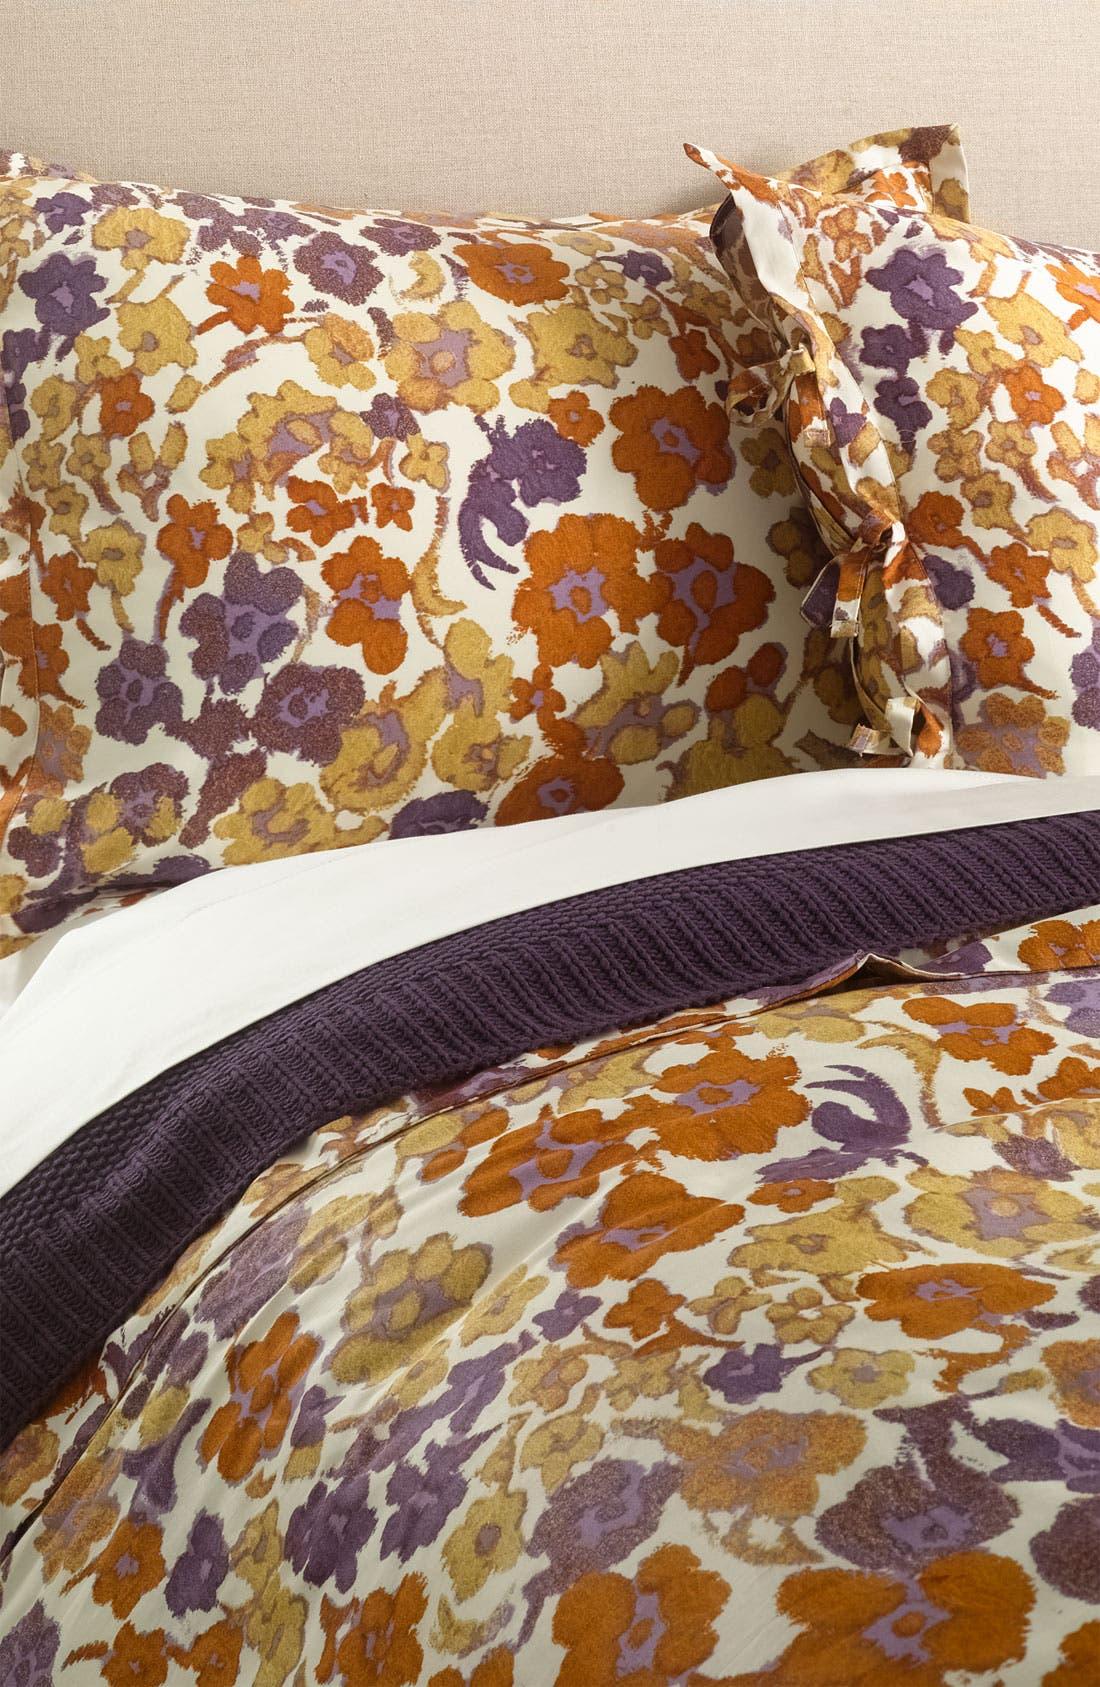 Alternate Image 1 Selected - Diane von Furstenberg 'Spanish Leopard' 300 Thread Count Sham